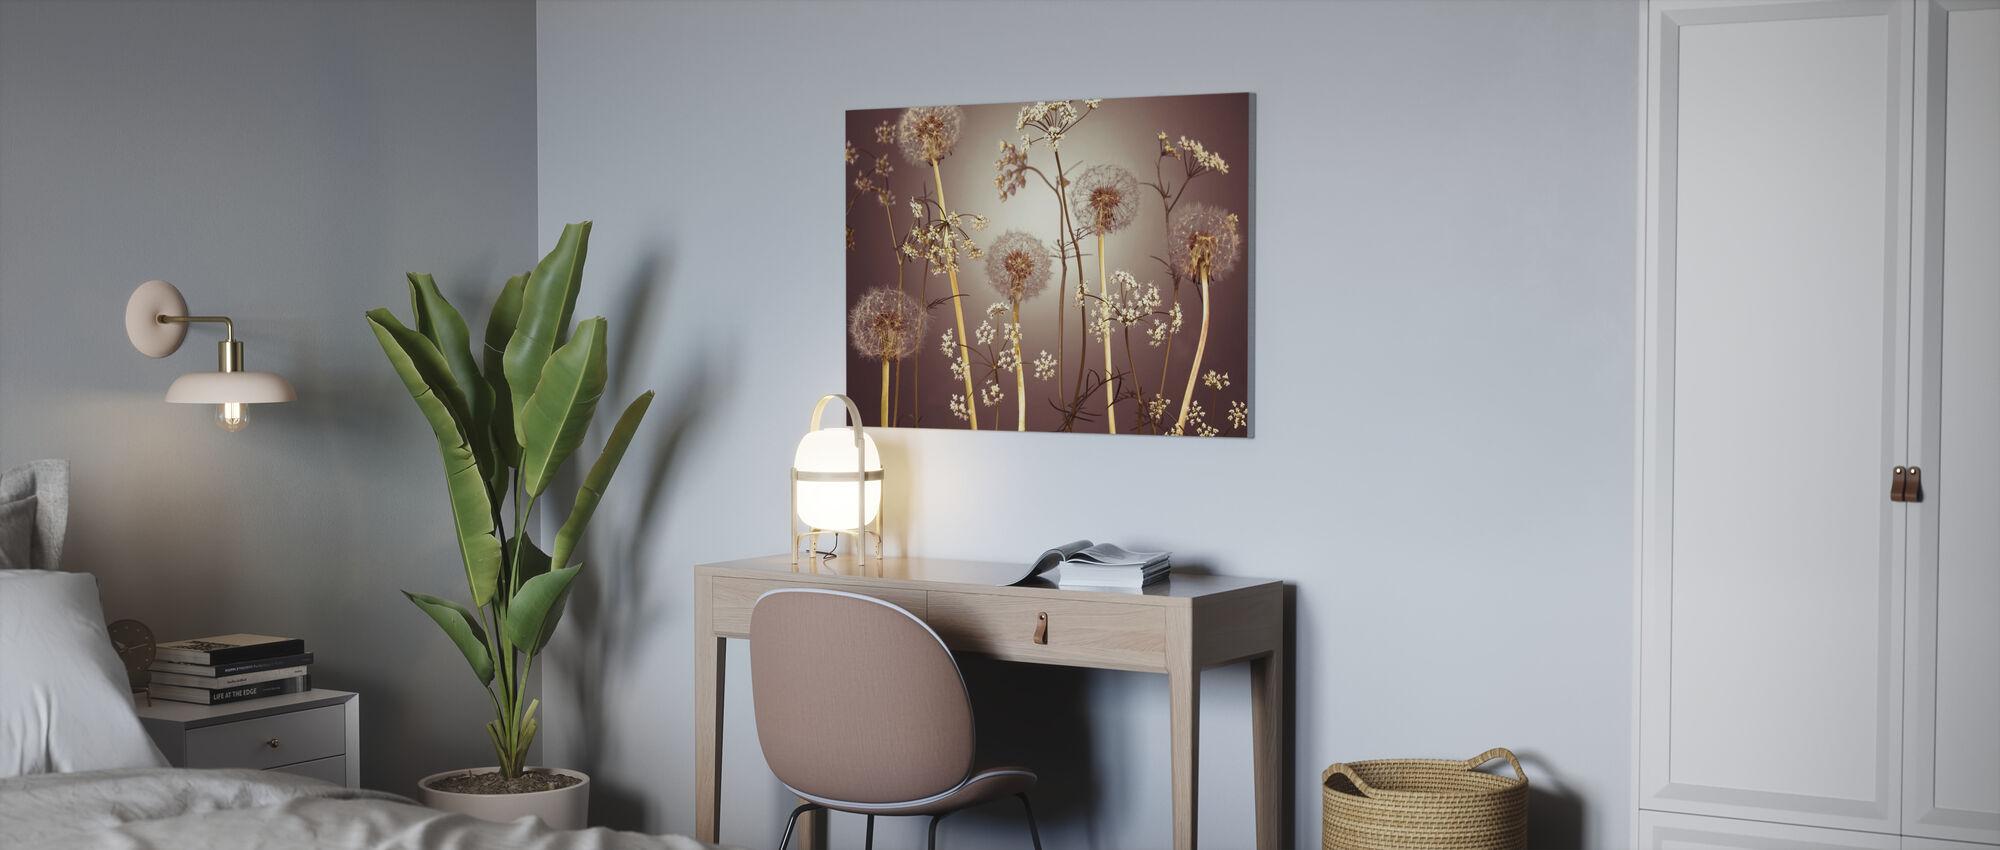 Meadow Flowers - Hazel - Canvas print - Office